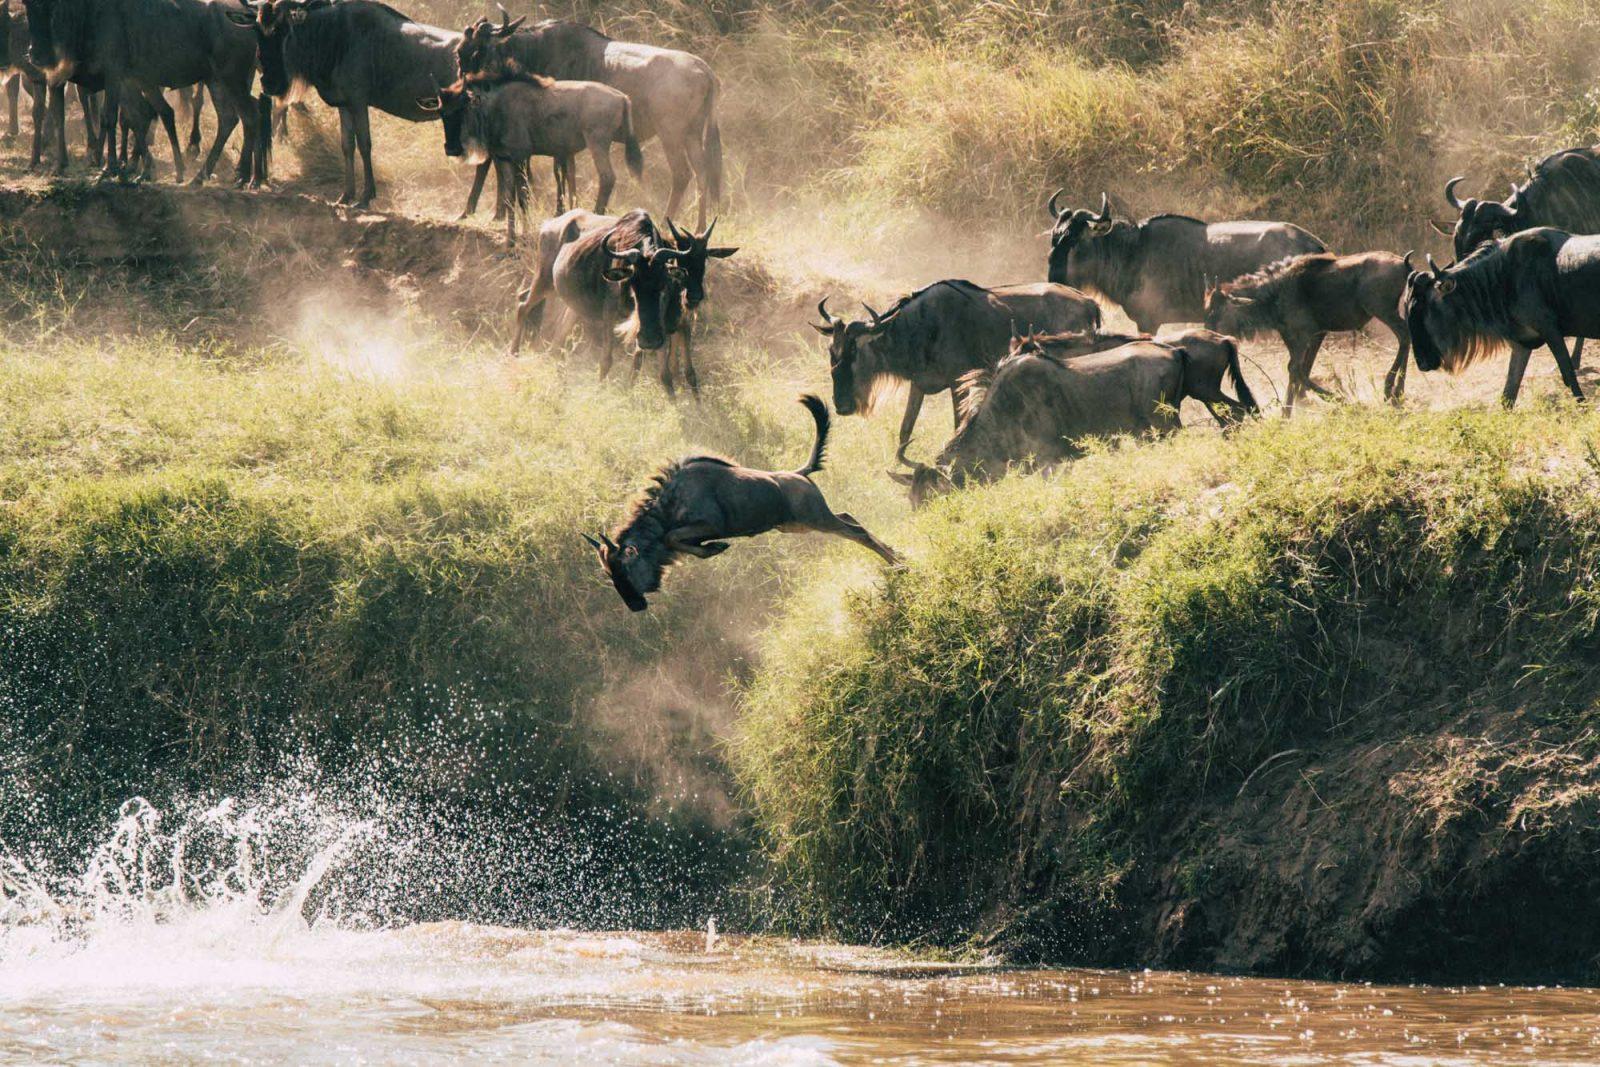 Wildebeest migration in the Serengeti